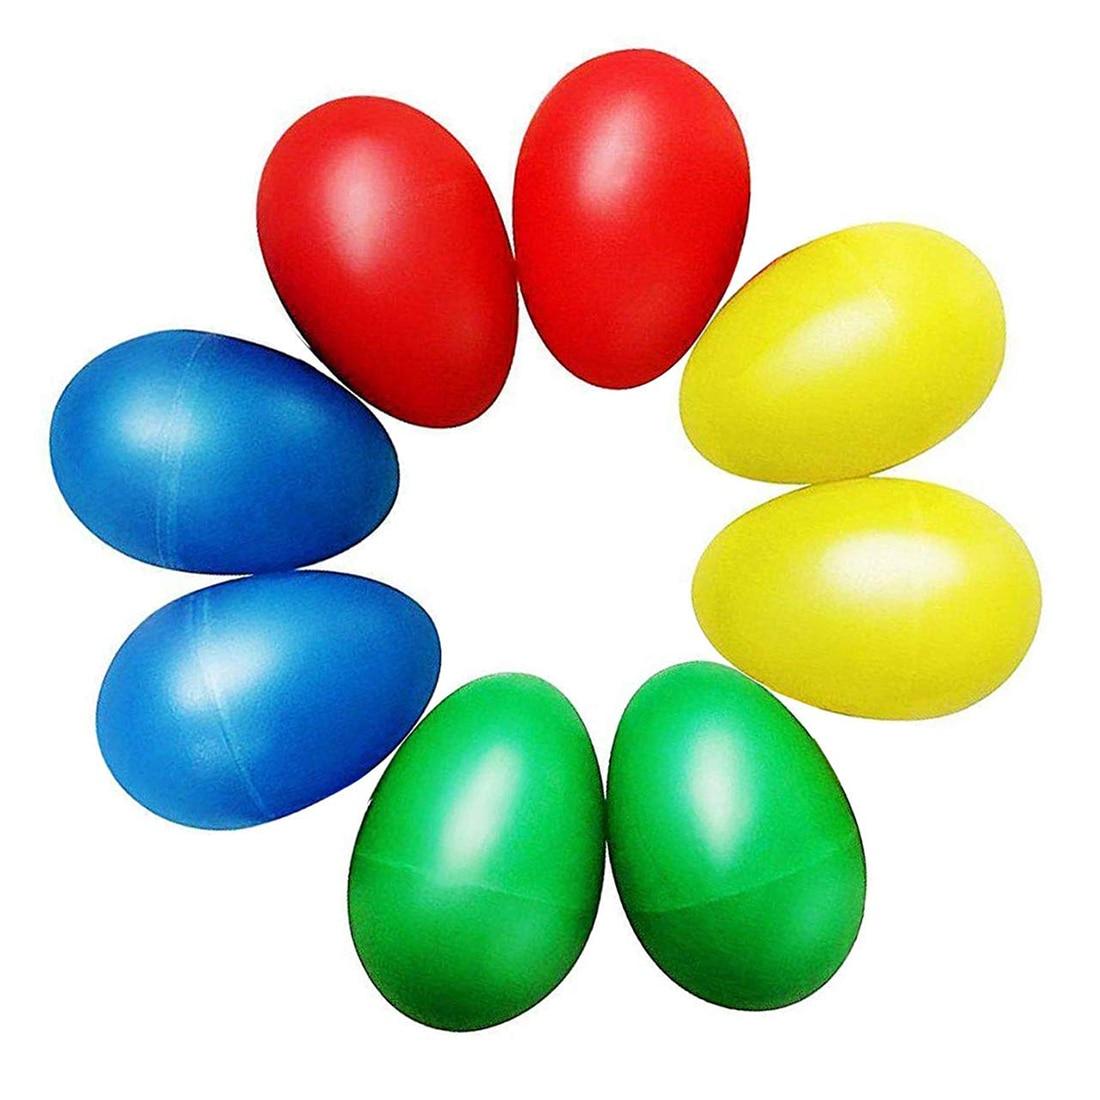 8 stücke Spielerische Kunststoff Percussion Musical Ei Maracas Ei Shaker Kinder Spielzeug-4 Verschiedenen Farben